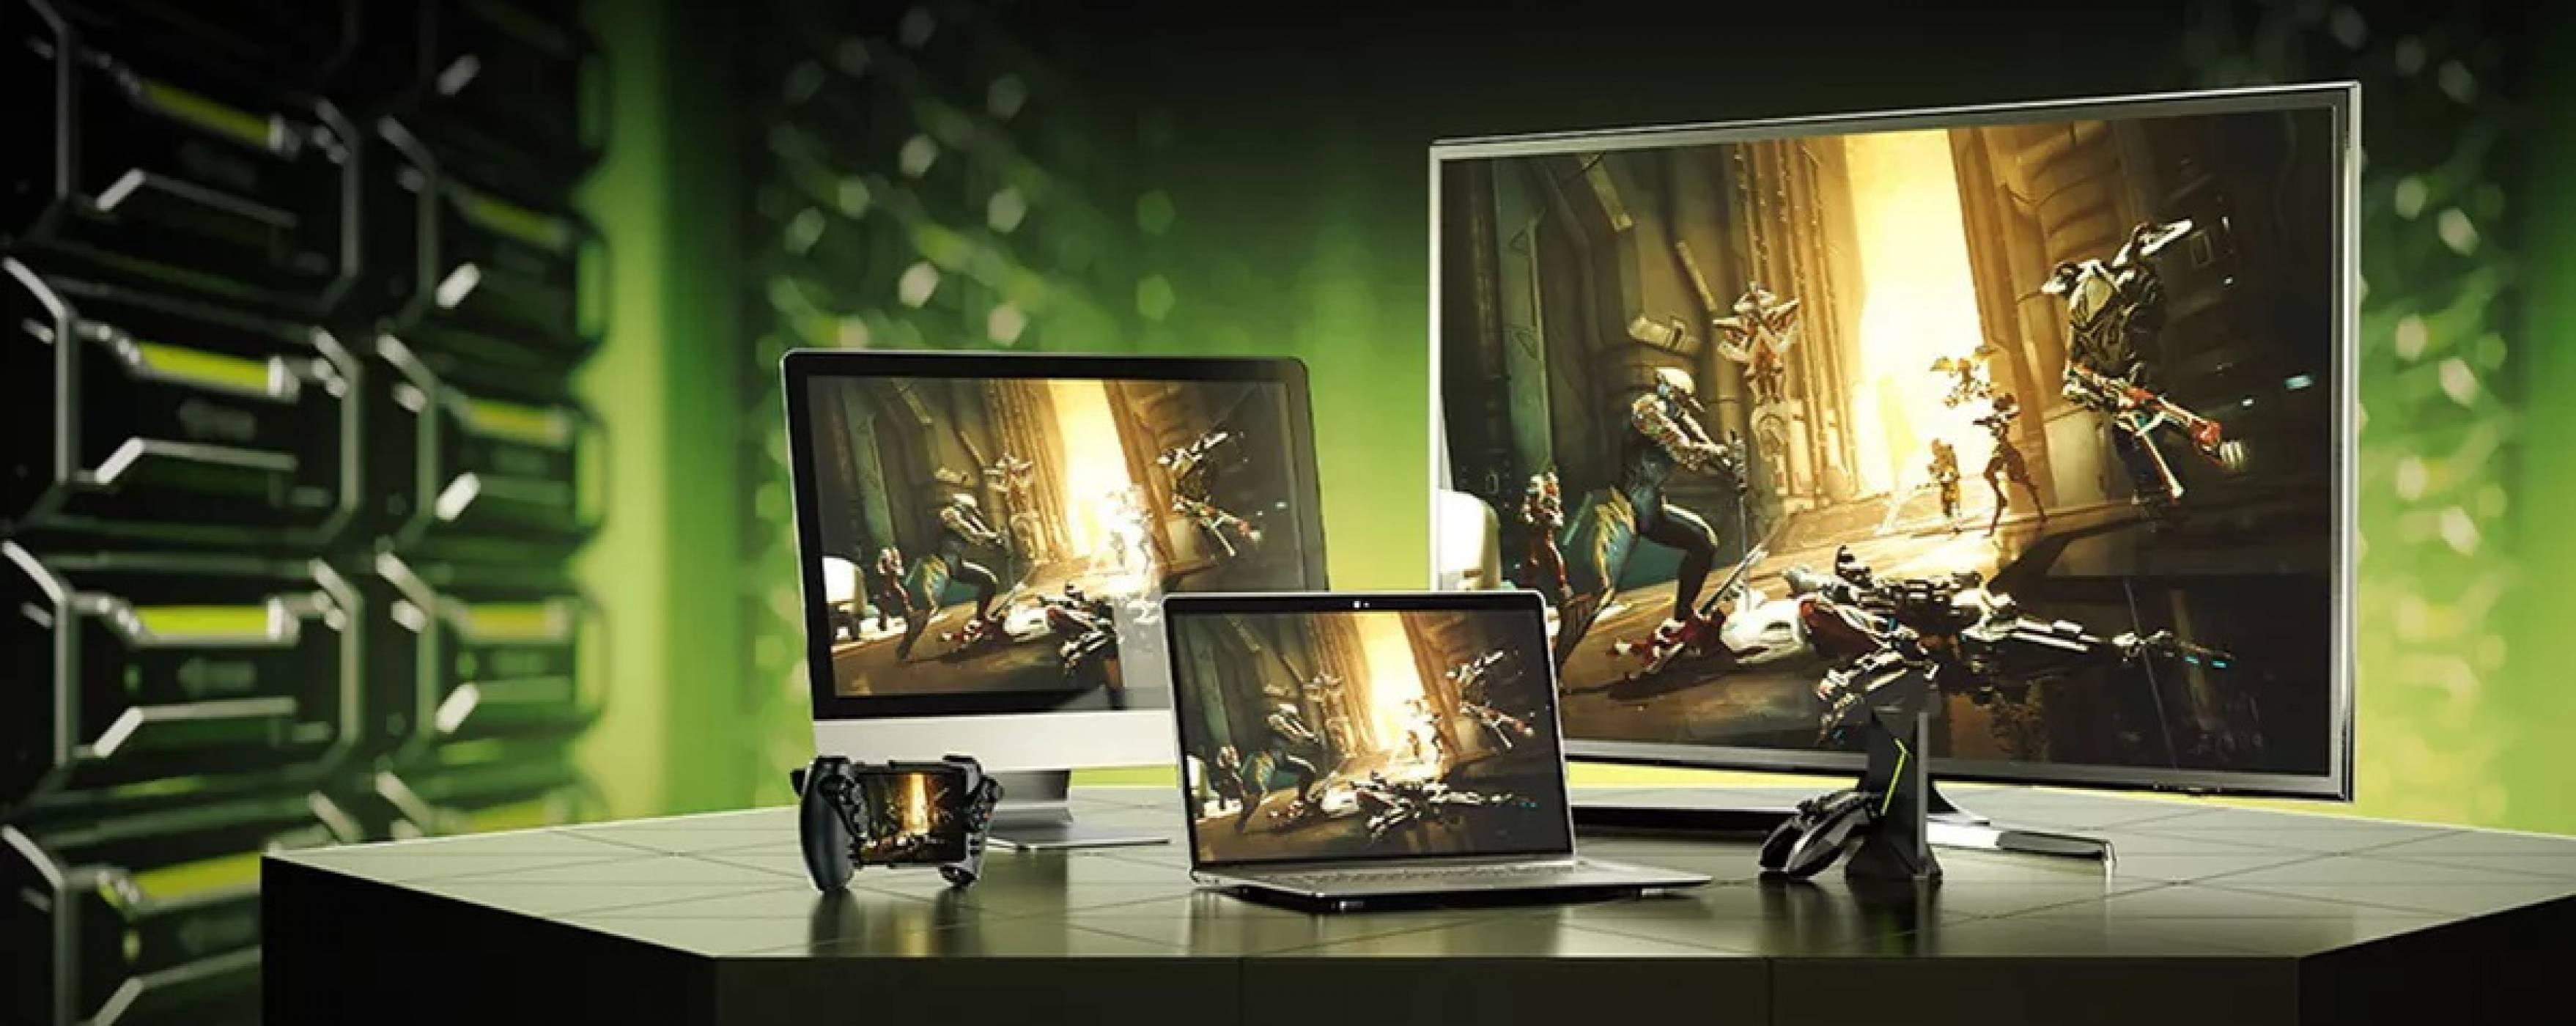 Nvidia GeForce NOW – достъпното cloud gaming лекарство срещу скалпърски цени!